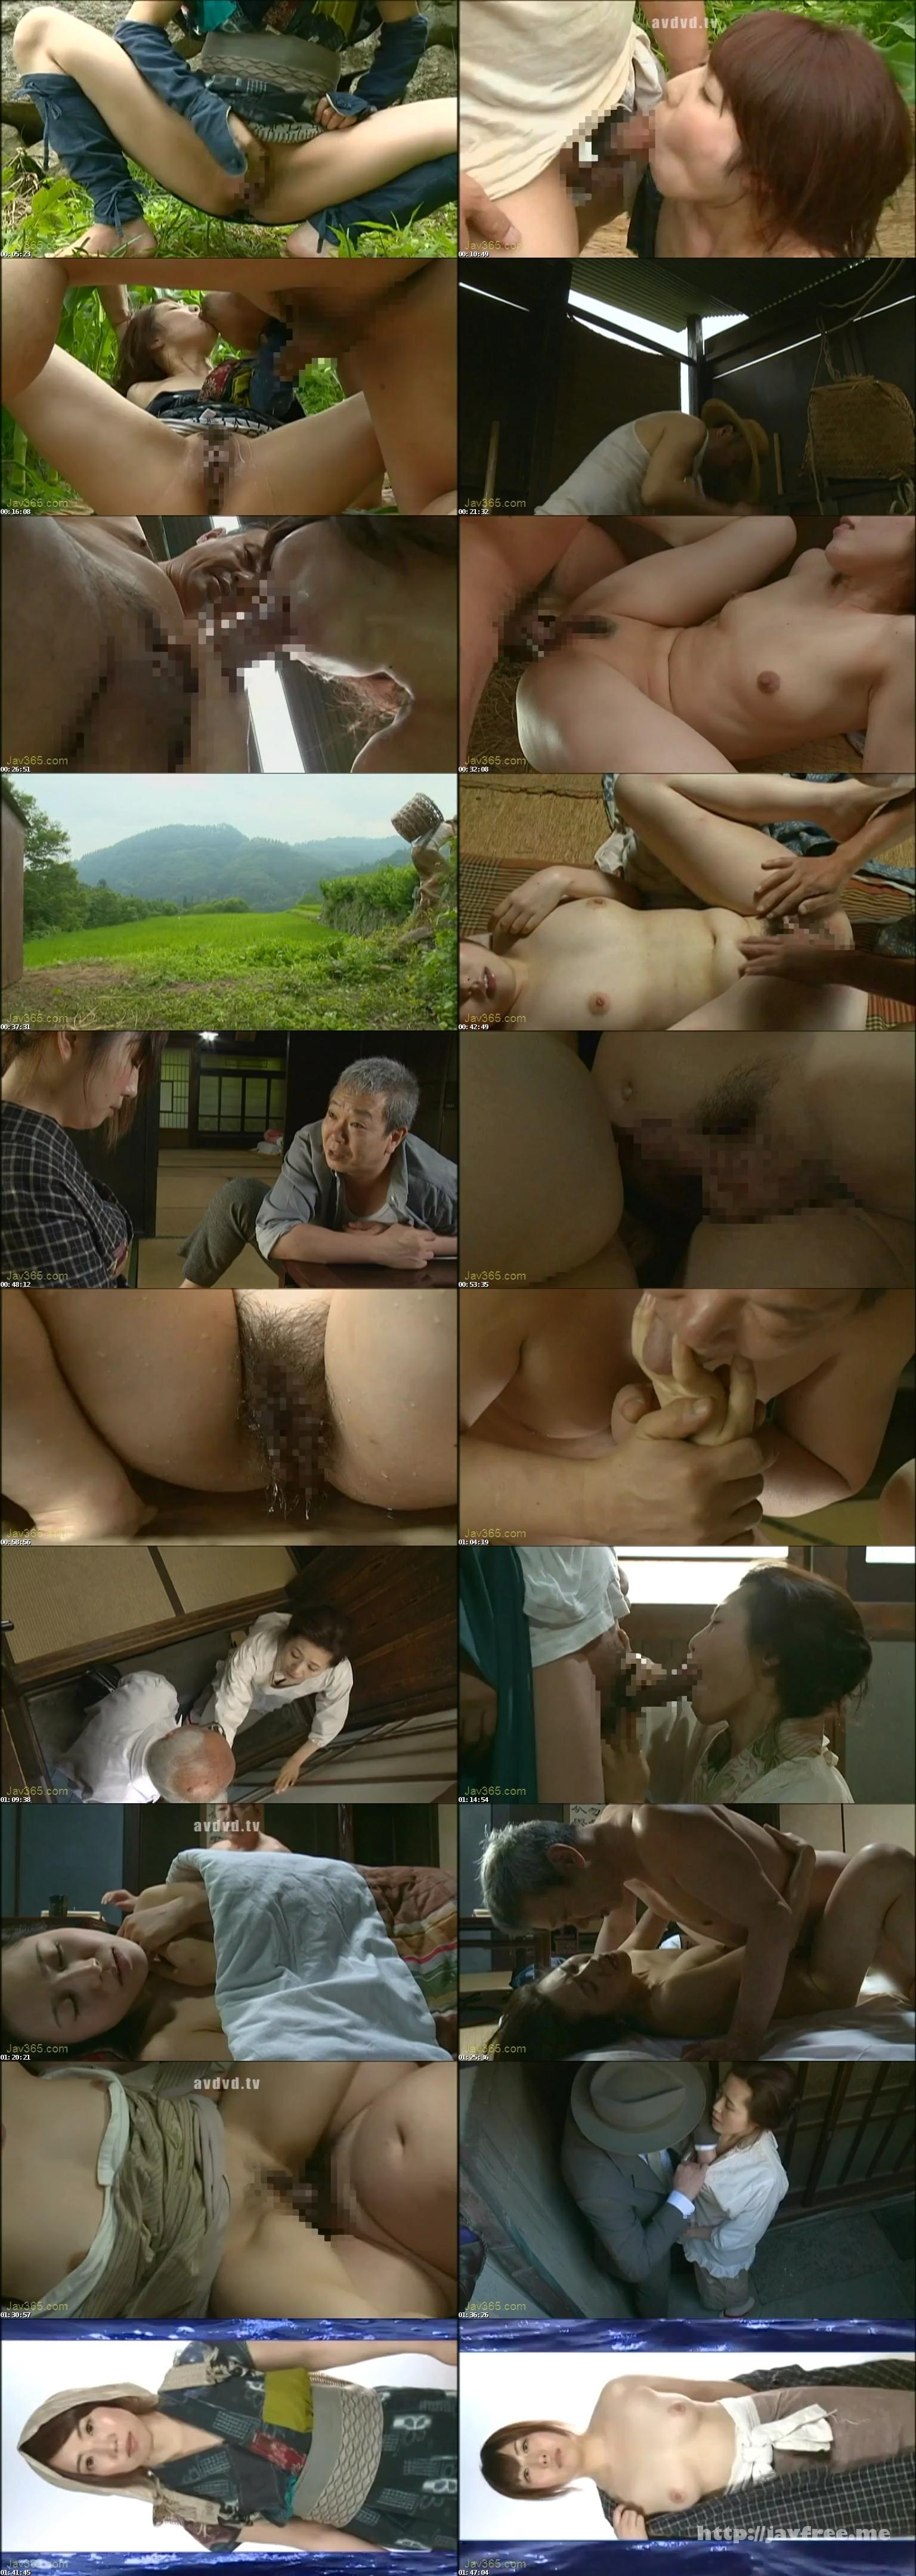 [HTMS 057] ヘンリー塚本の男が腑抜けになる色っぽい嫁のアソコ 矢沢えりな 沢村ゆうみ 内村りな HTMS